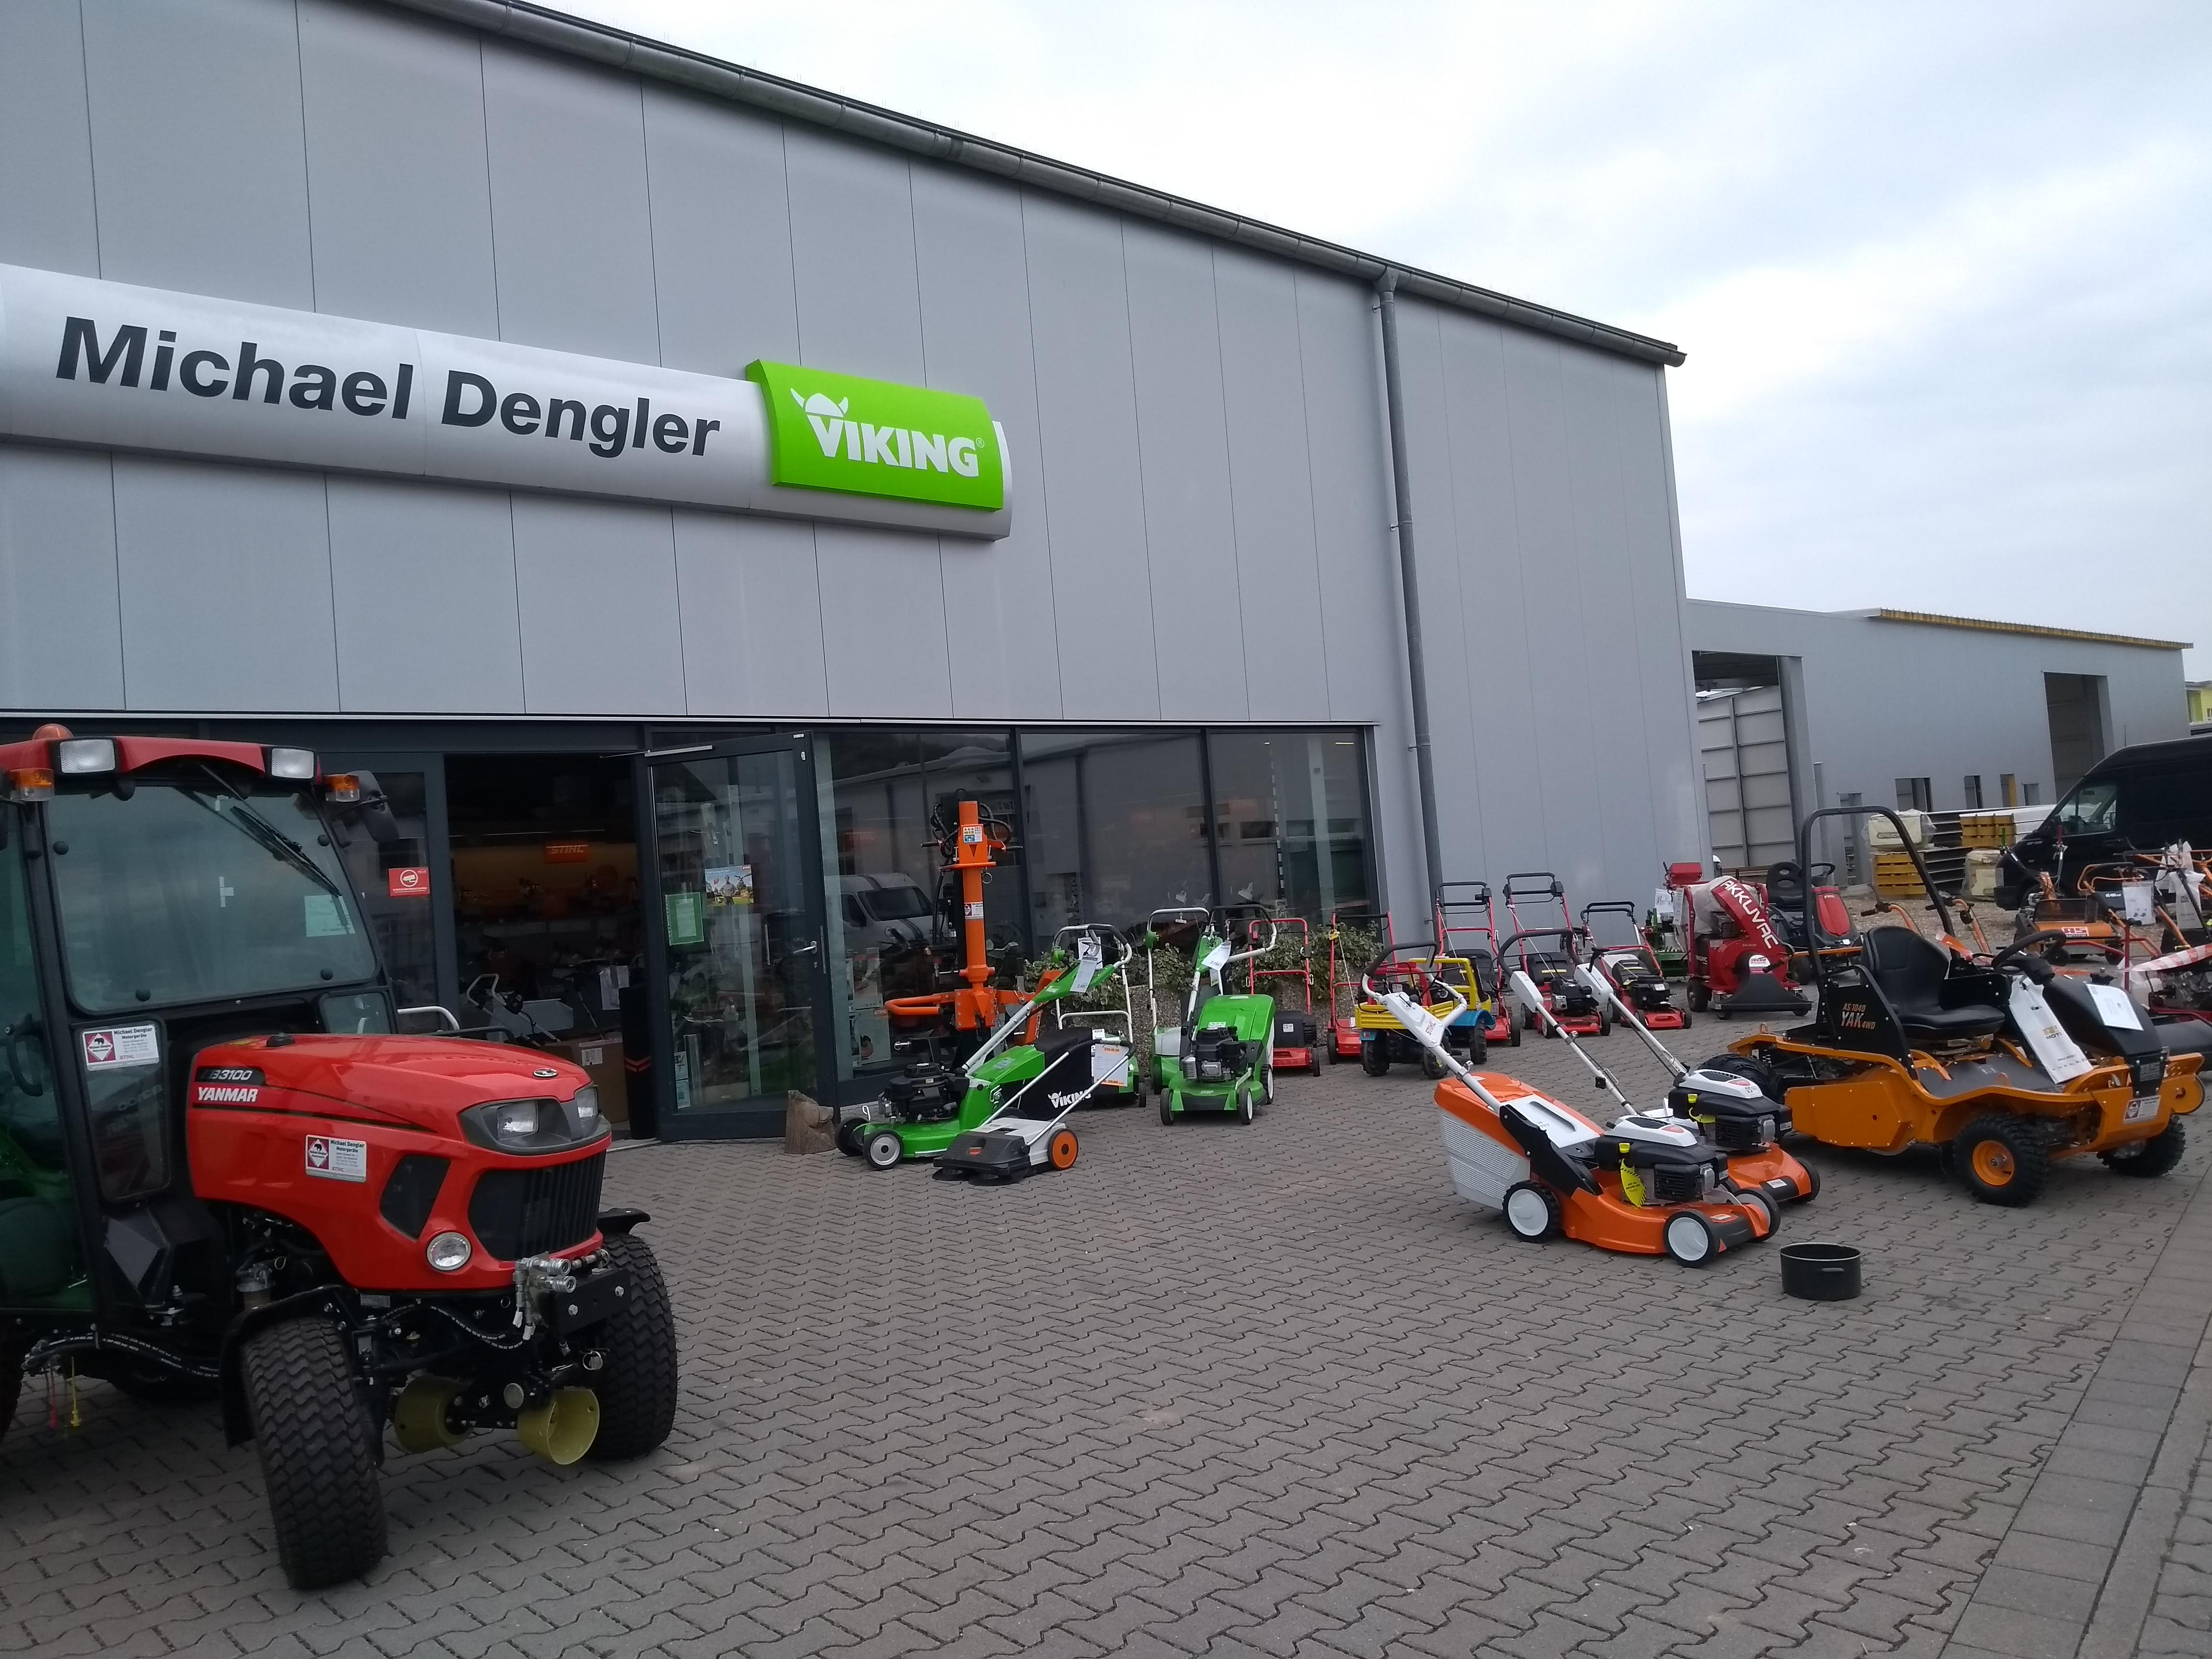 Herzlich willkommen bei Ihrem Fachhändler für Gartentechnik und Motorgeräte in Gau-Algesheim.